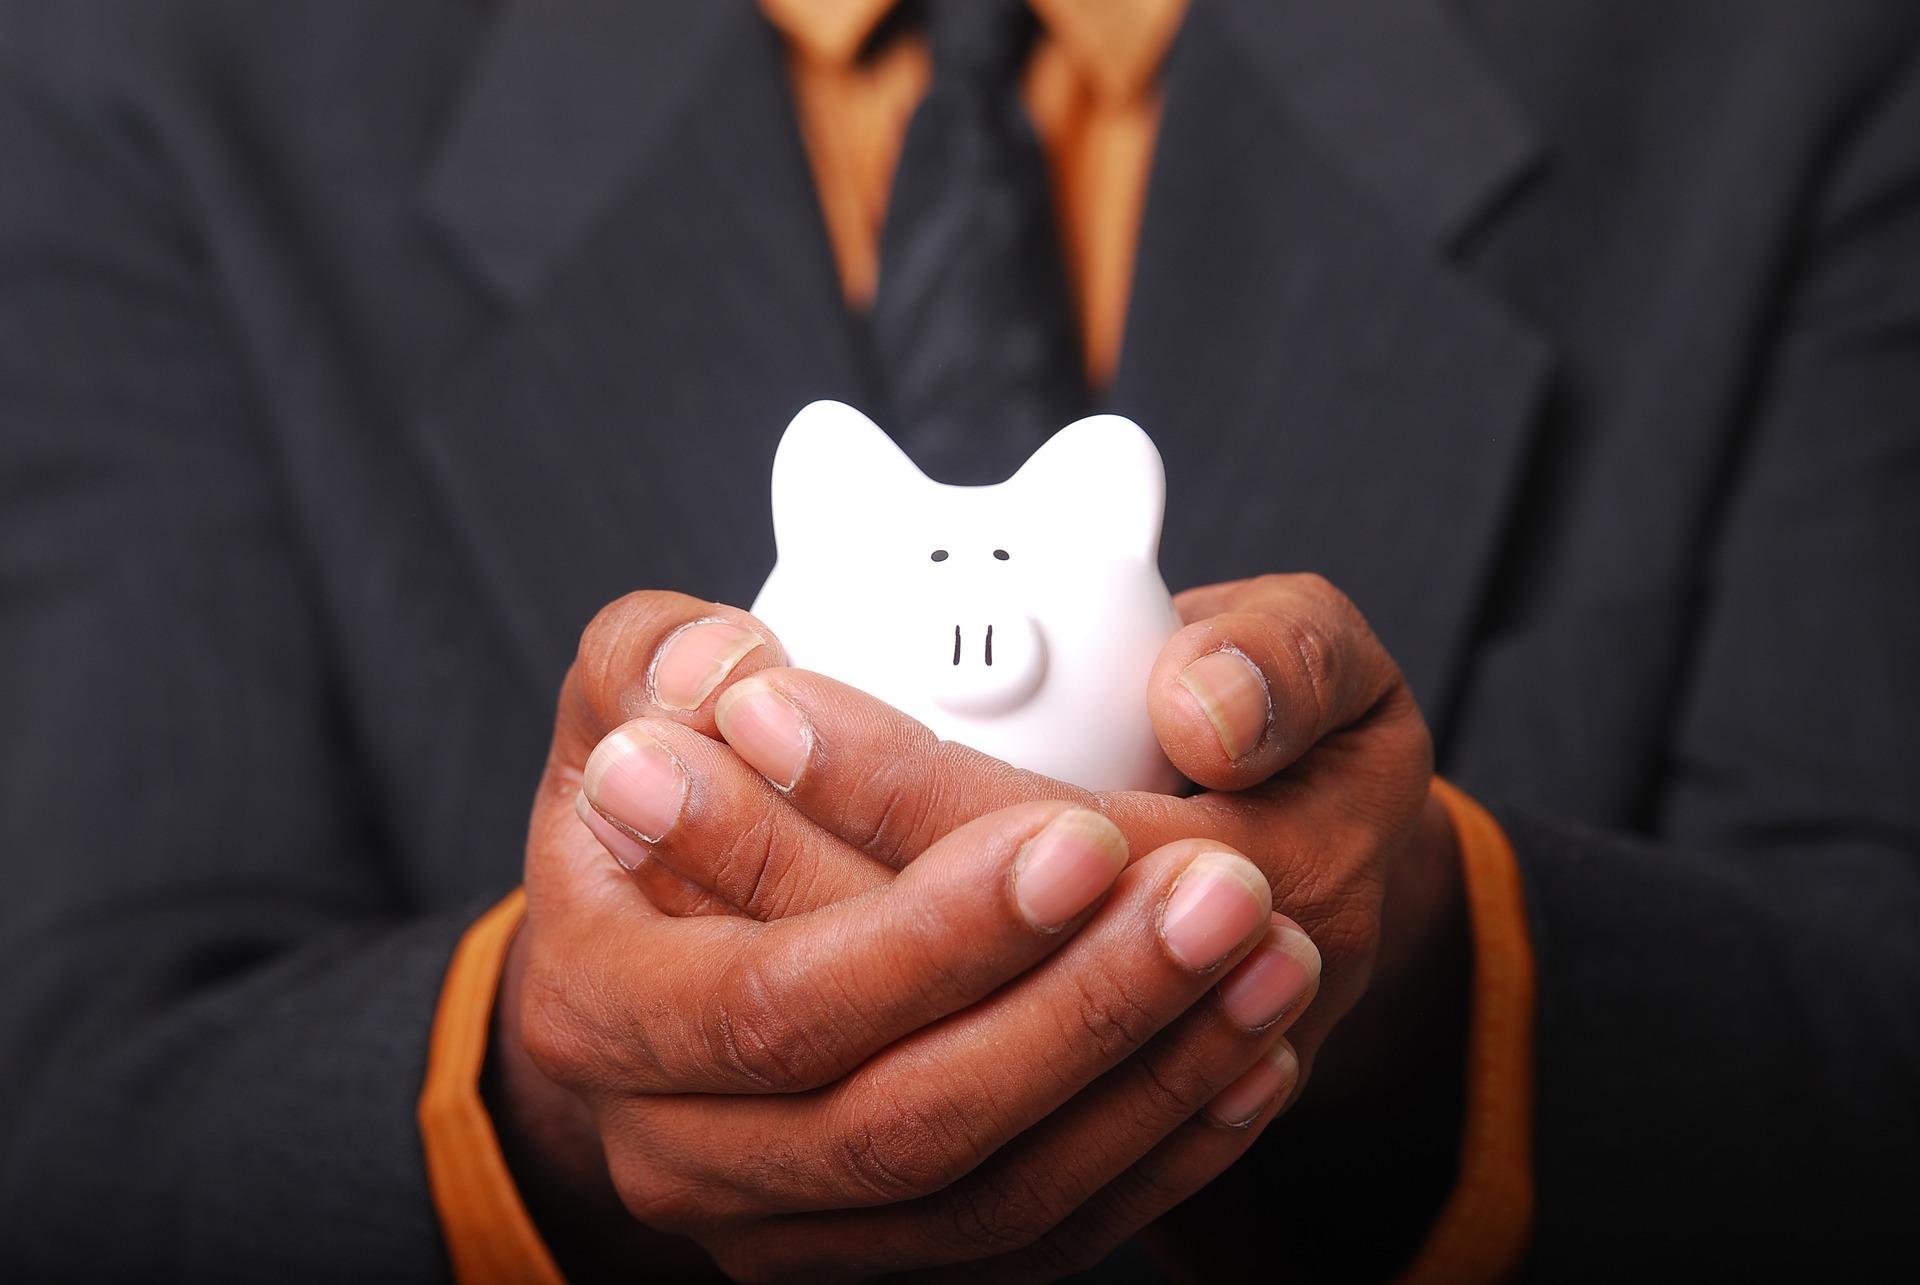 Hur kan man spara pengar i sin vardag?